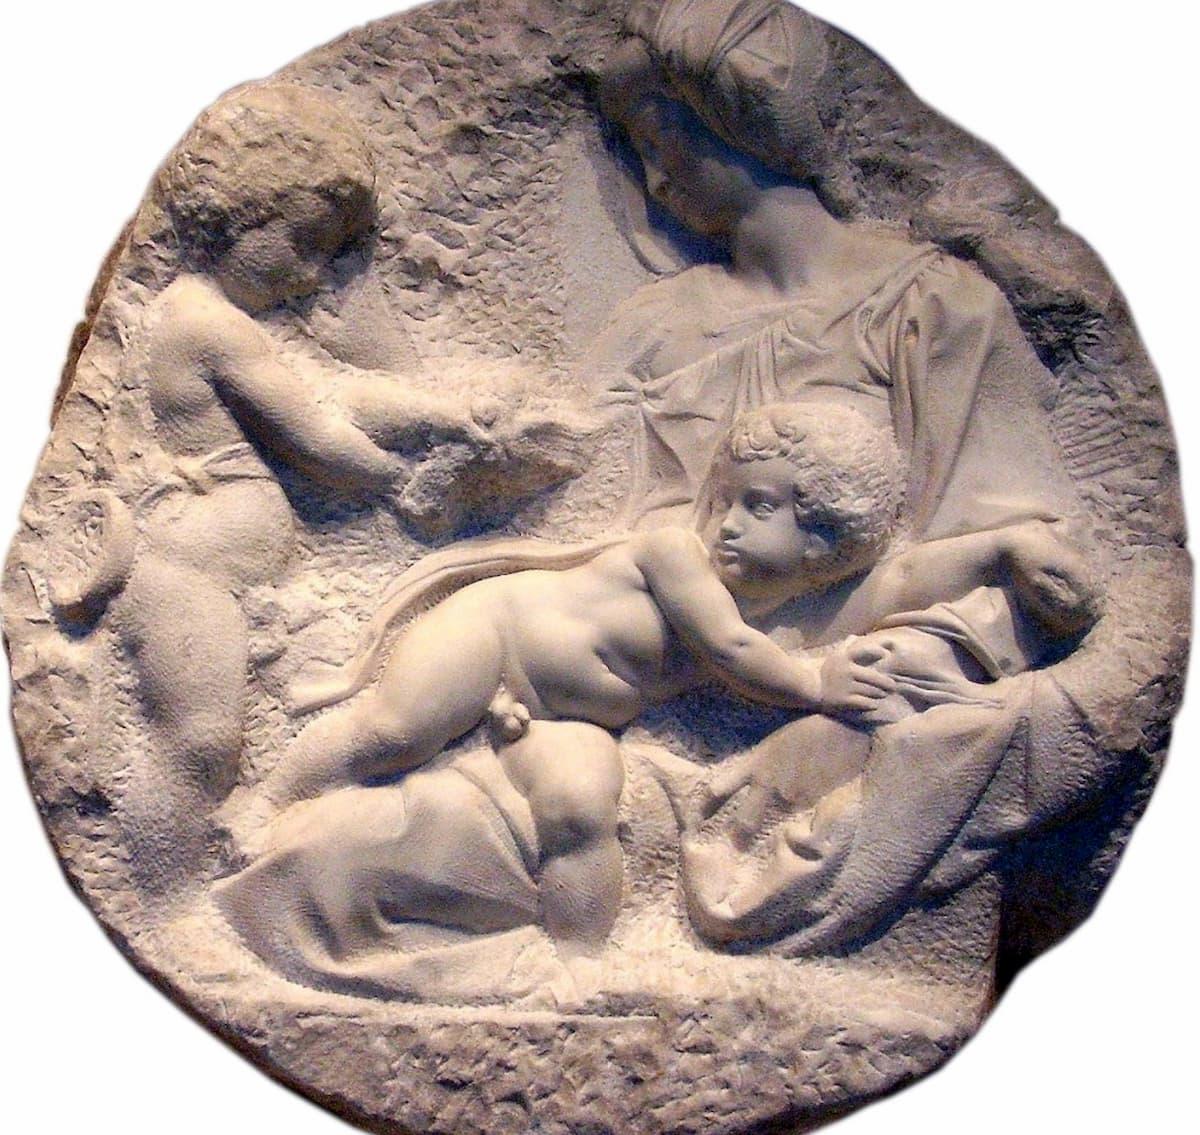 Vendere il Tondo Taddei di Michelangelo per salvare 105 posti di lavoro: l'ipotesi della Royal Academy di Londra